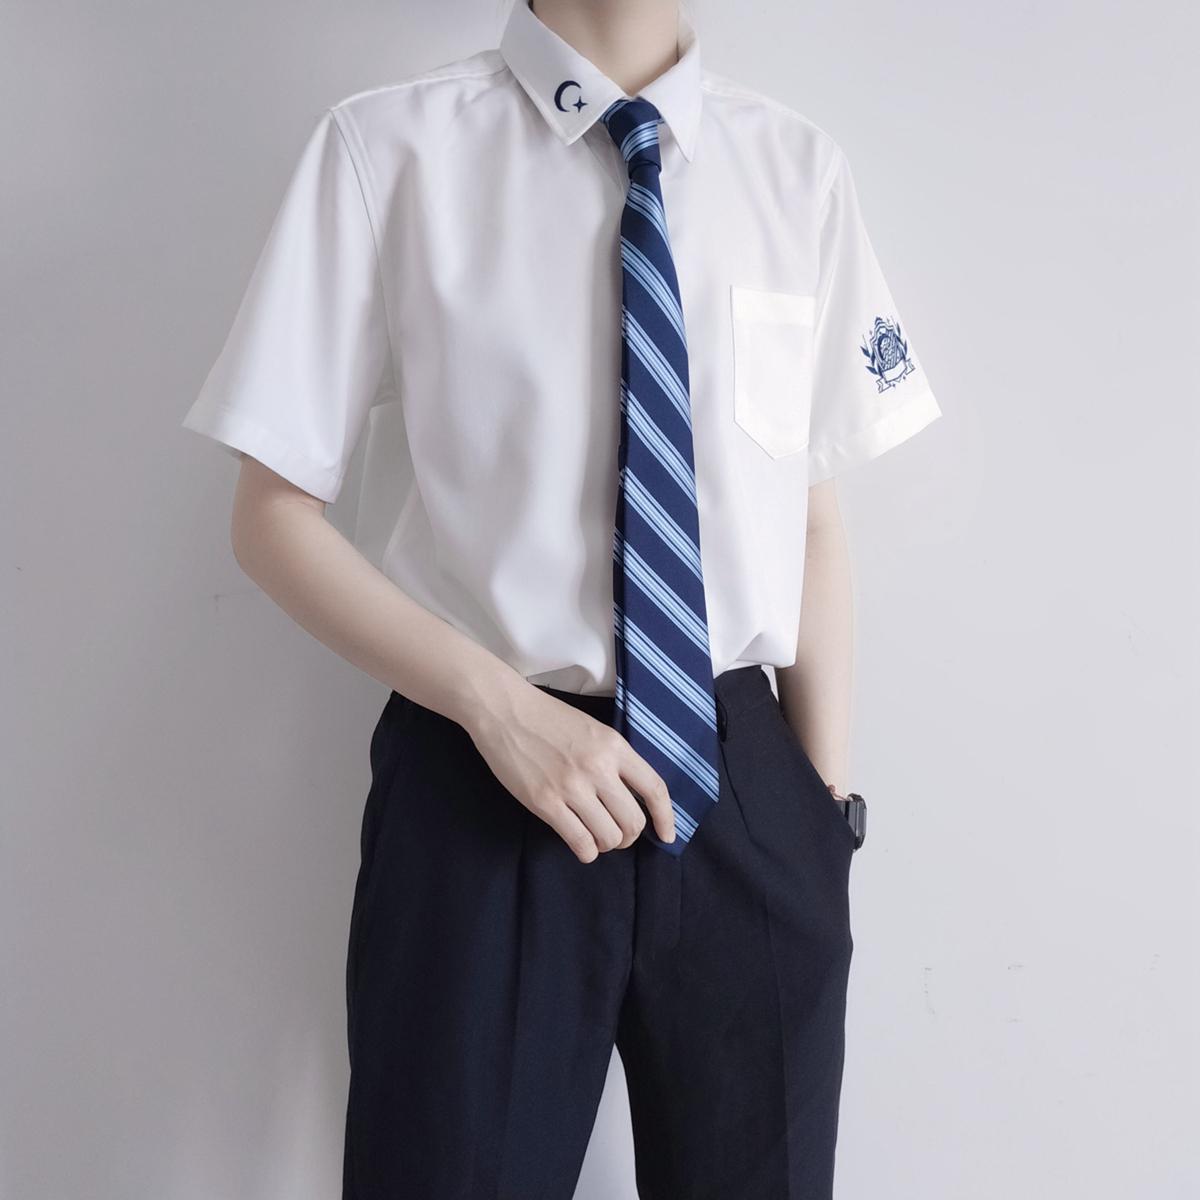 【刺篇原创】破星 原创日系jk/dk制服短袖深蓝色刺绣衬衫男女款